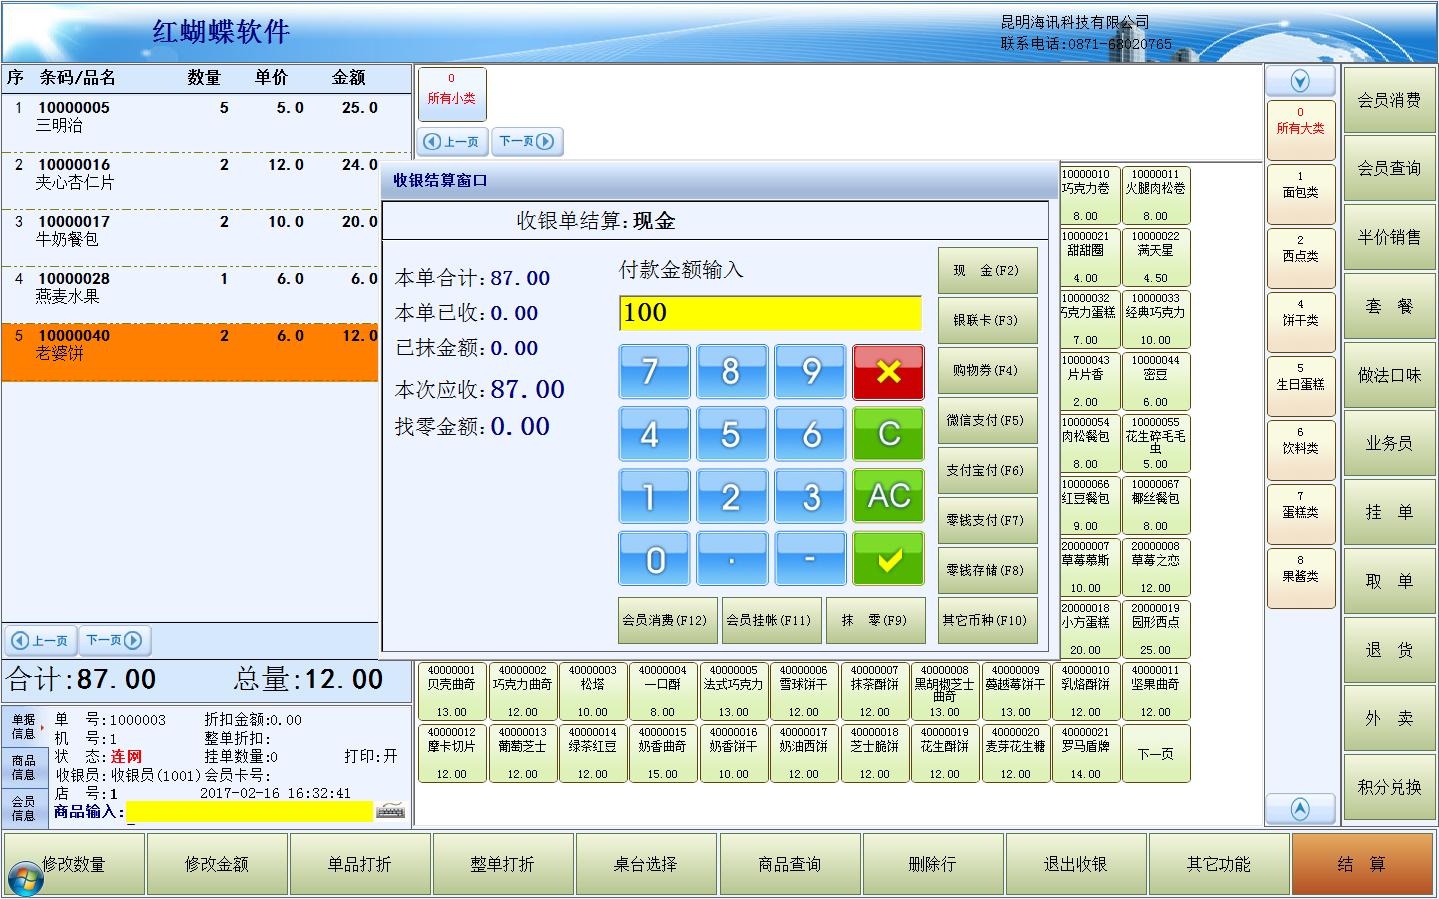 红蝴蝶烘焙管理软件